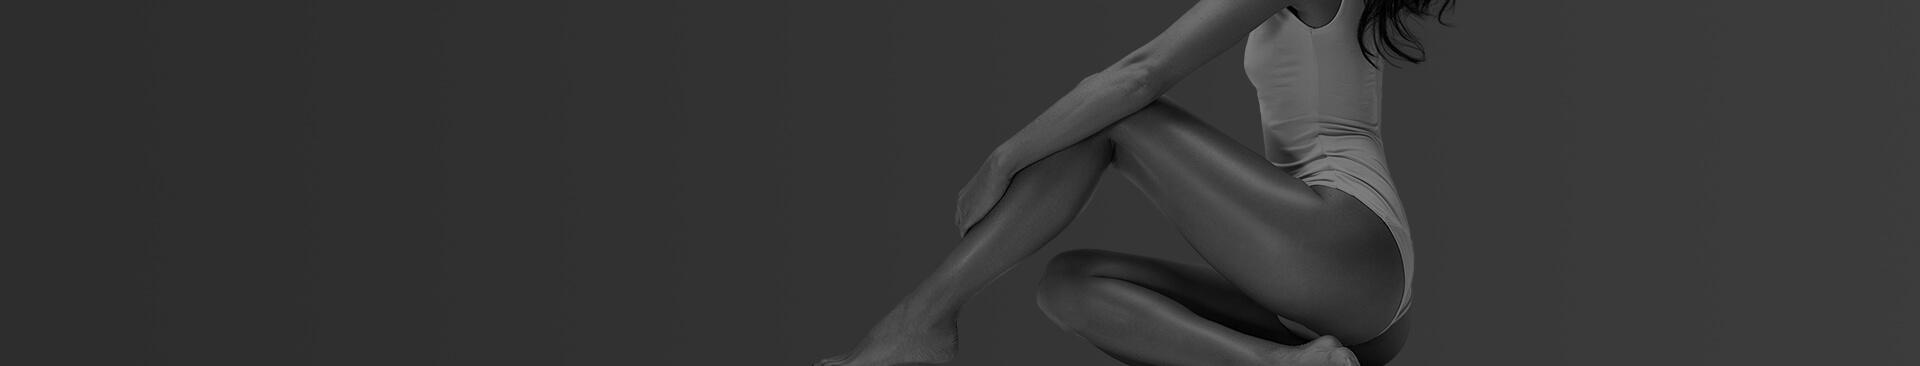 fotona tightsculpting top banner | Fotona TightSculpting | 18